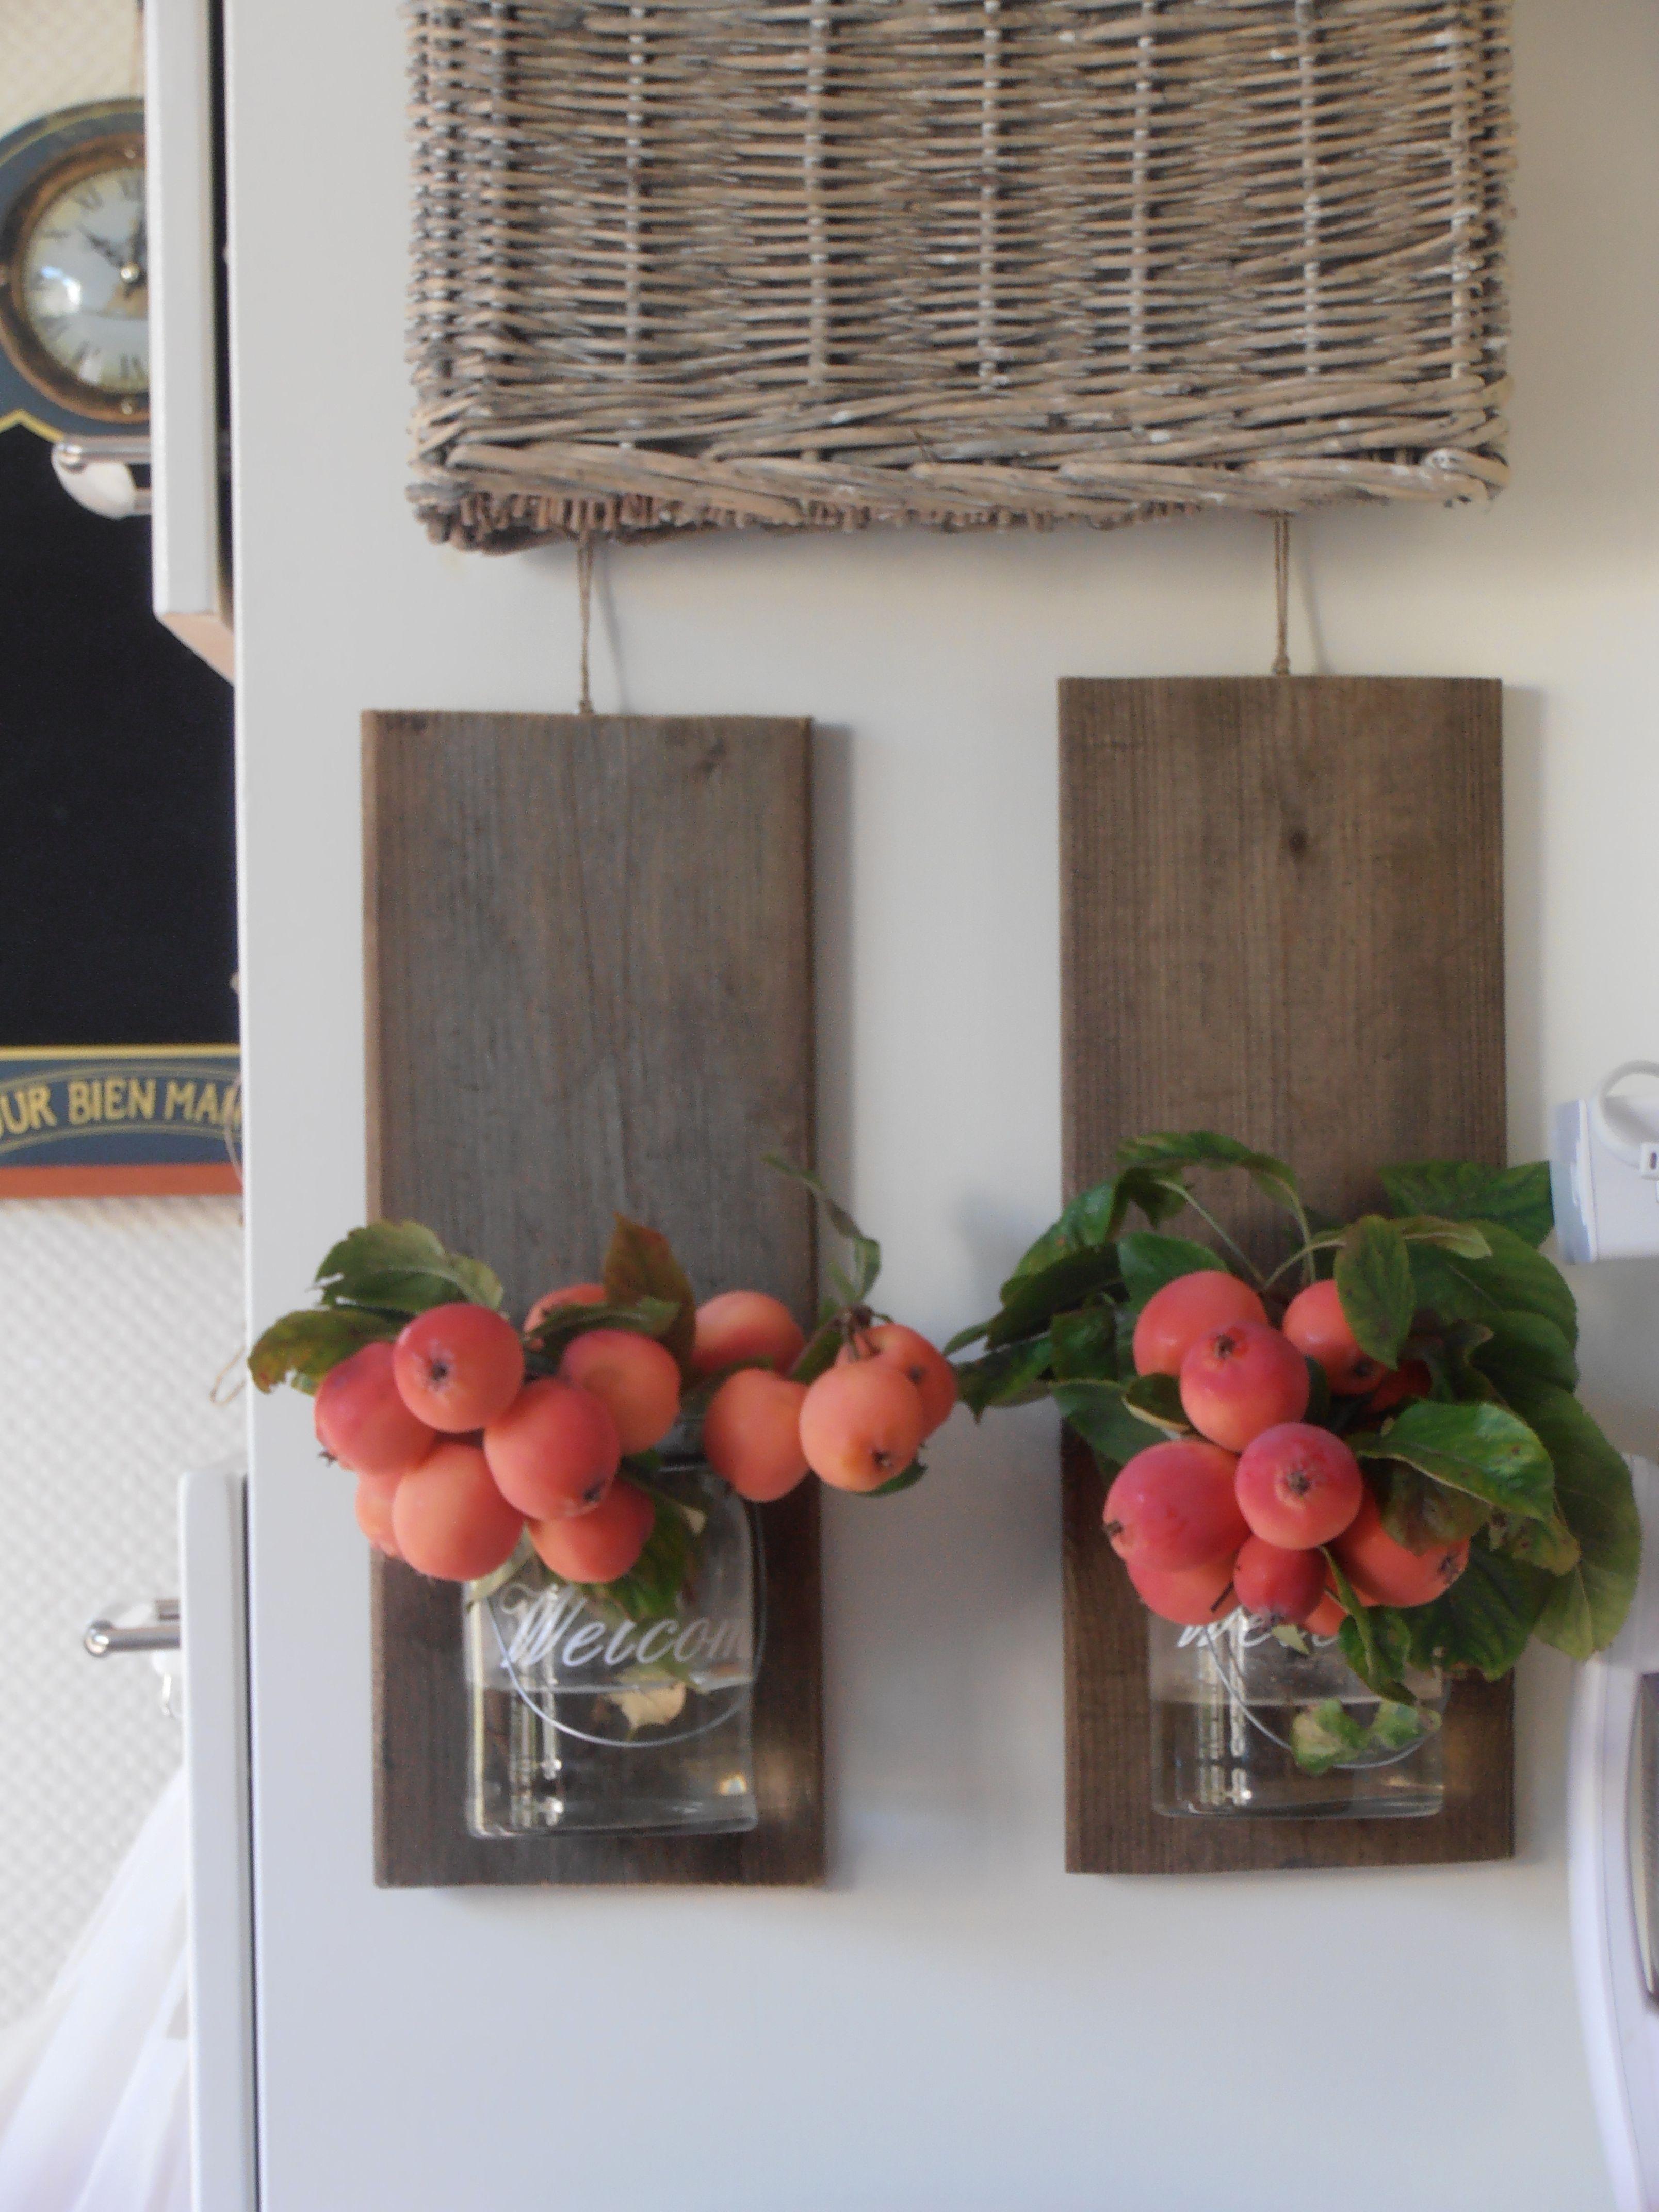 Glazen Plankjes Voor Aan De Muur.Steigerhouten Plankjes Met Glazen Potjes Om Diverse Leuke Dingen In